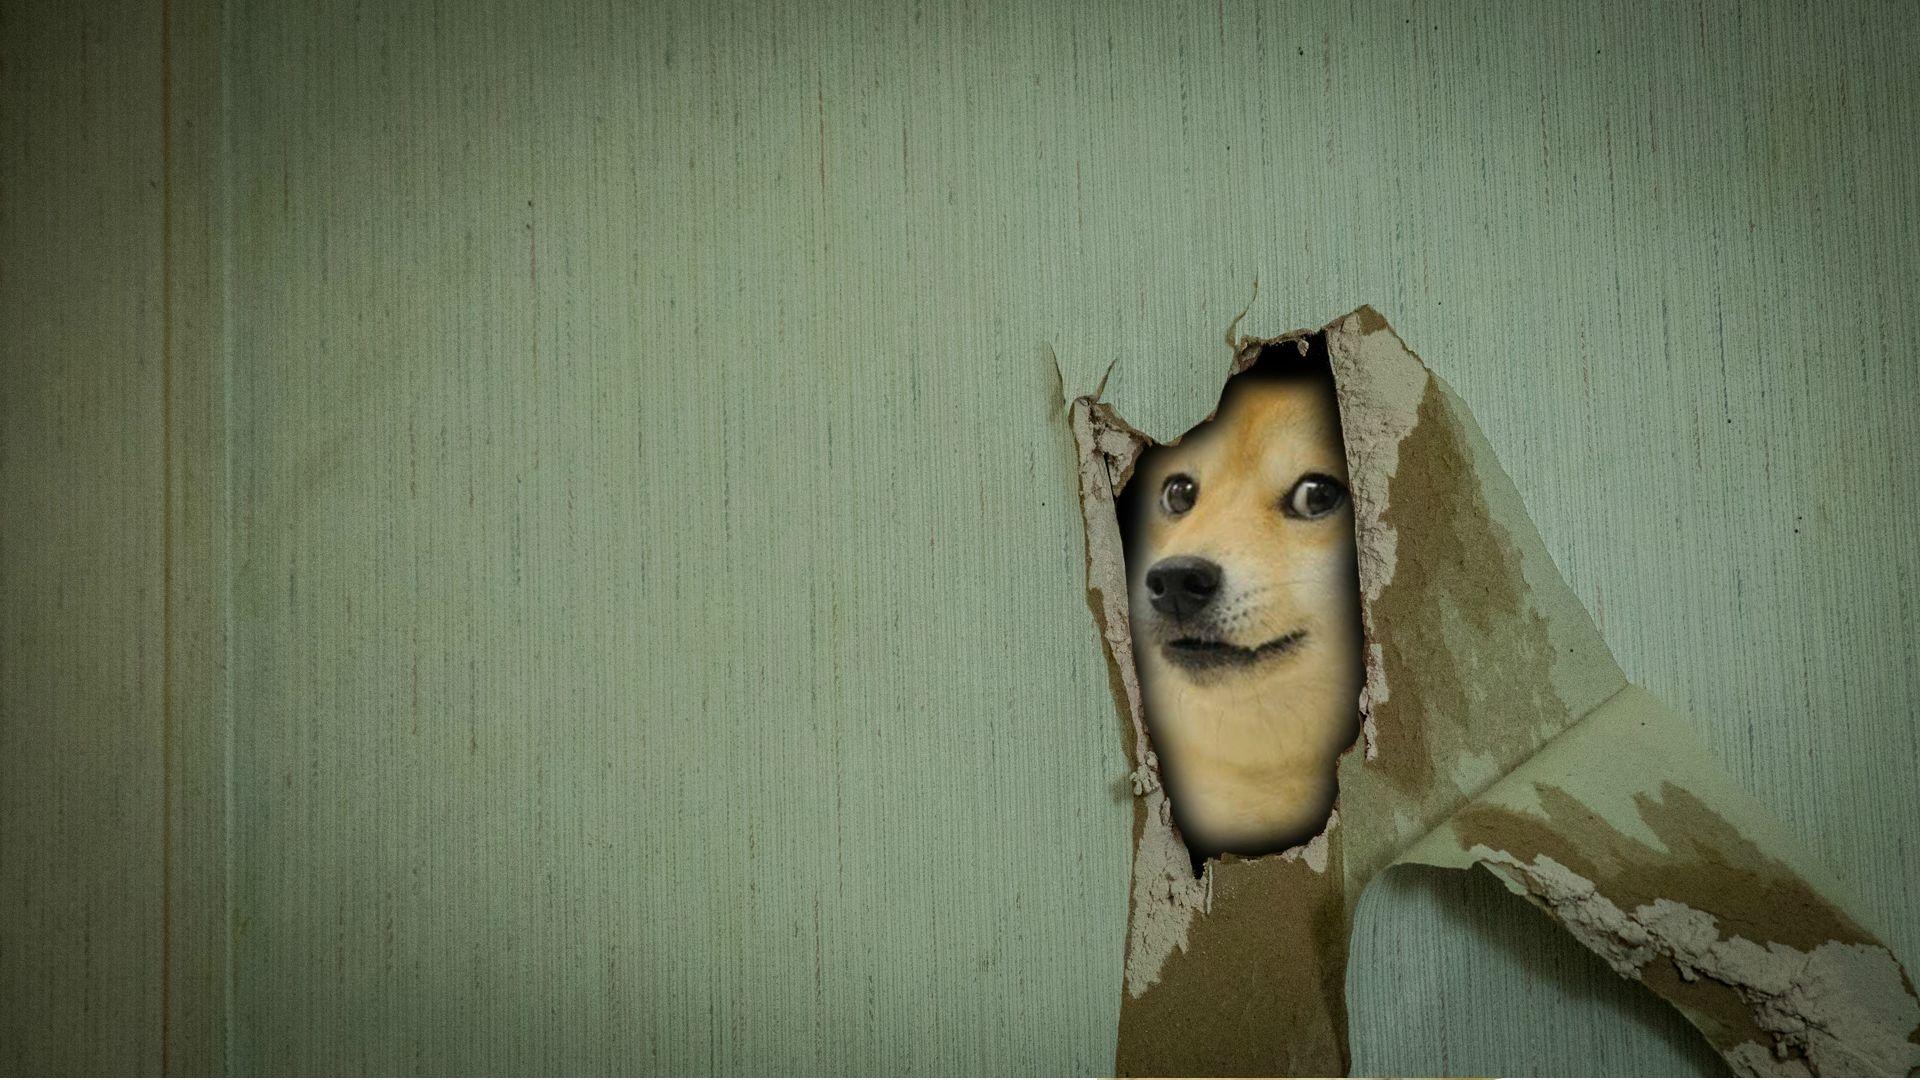 Doge Meme computer background